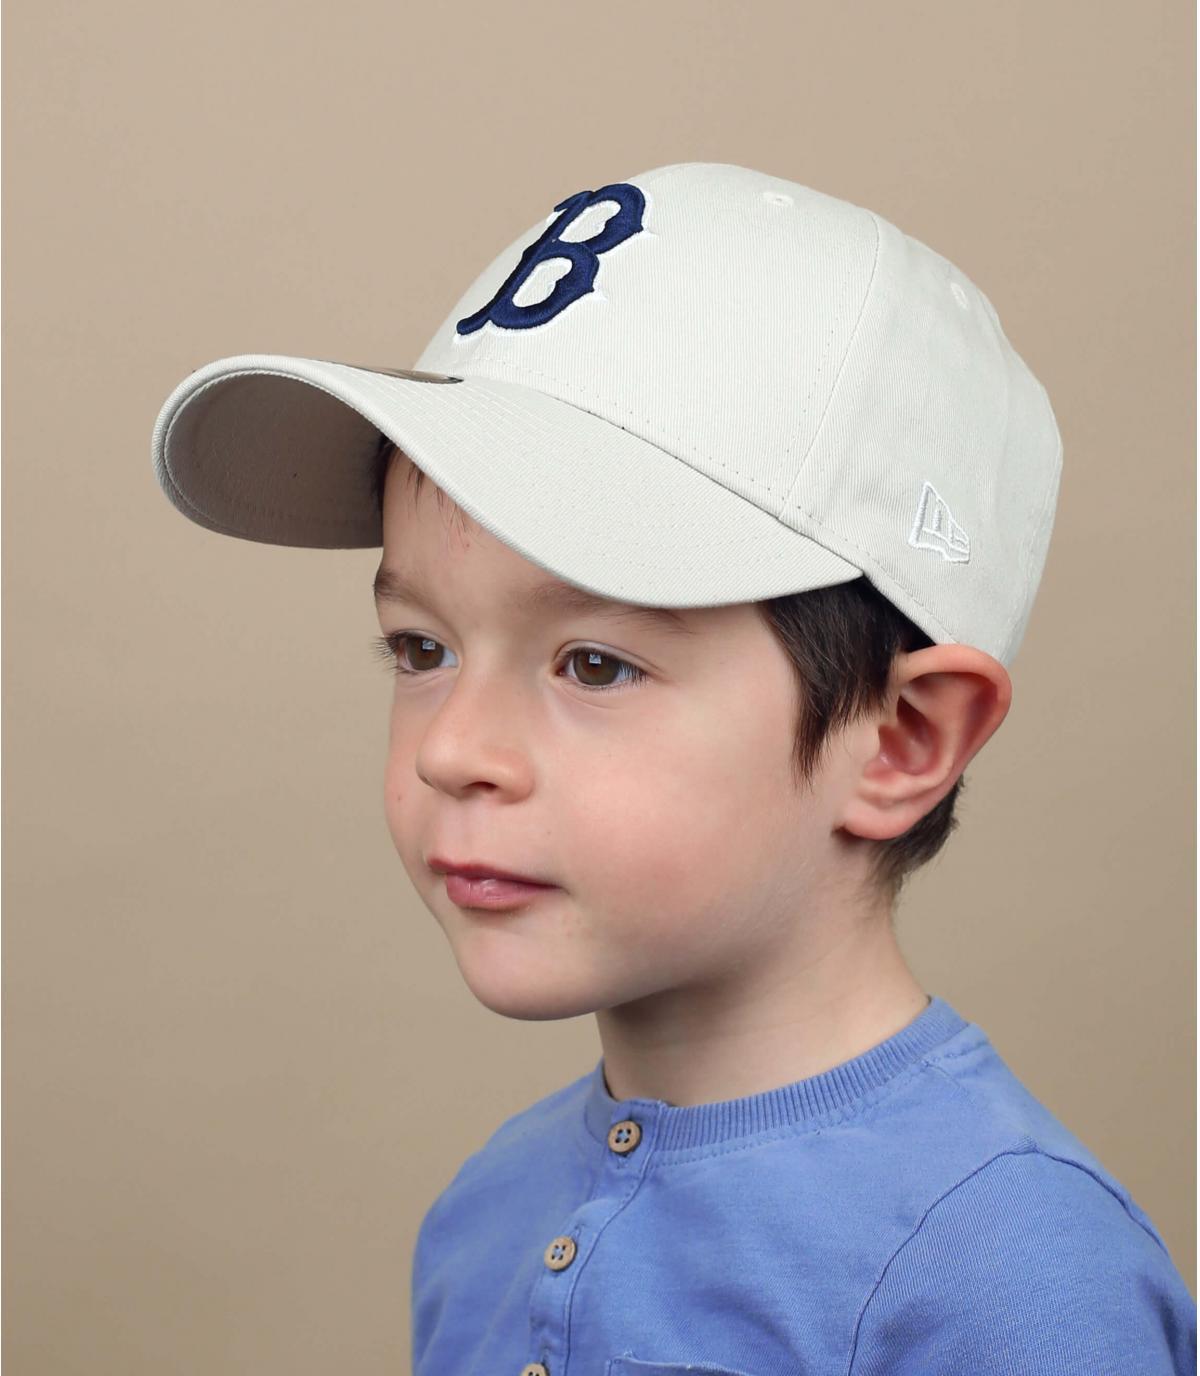 casquette B enfant beige